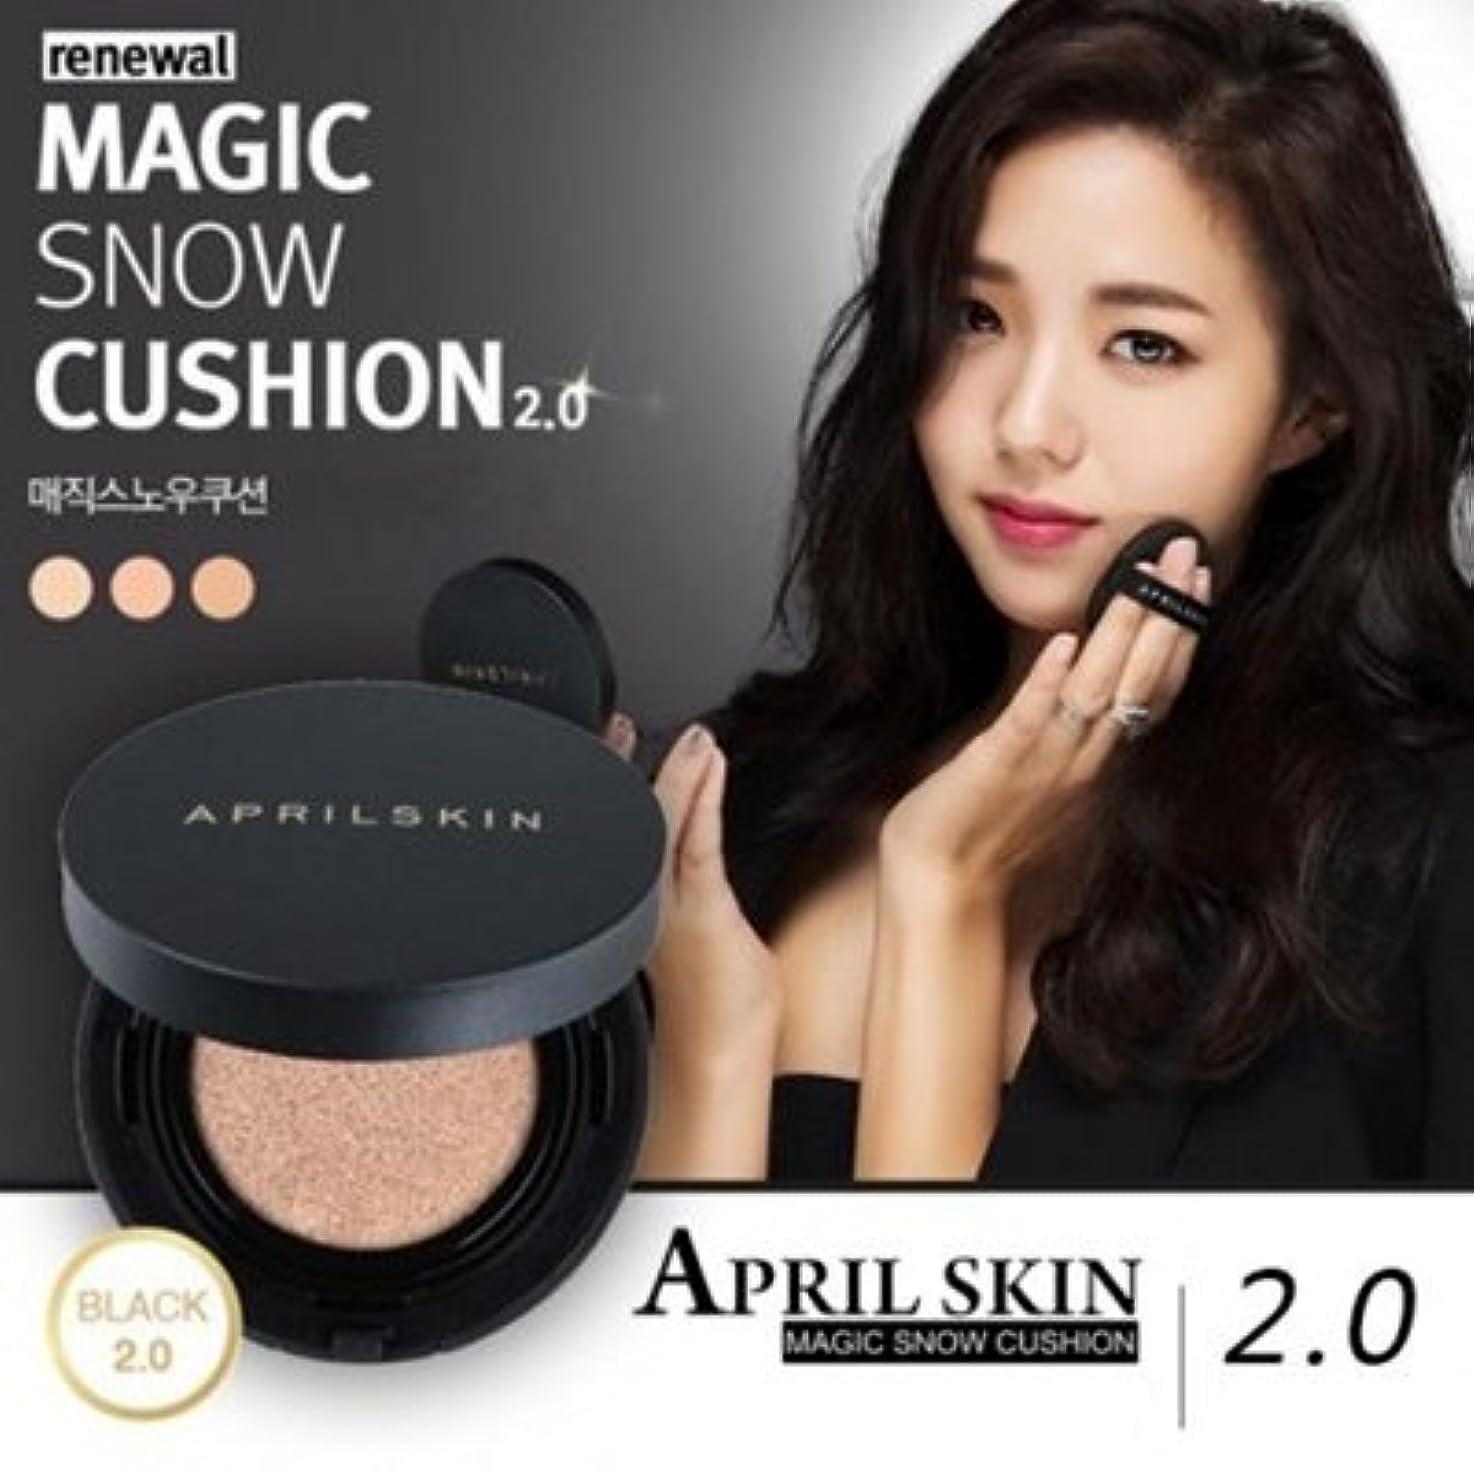 宗教のホスト誇張する[April Skin]韓国クッション部門1位!NEW!!★Magic Snow Cushion Black 2.0★/w Gift Sample (#23 Natural Beige) [並行輸入品]